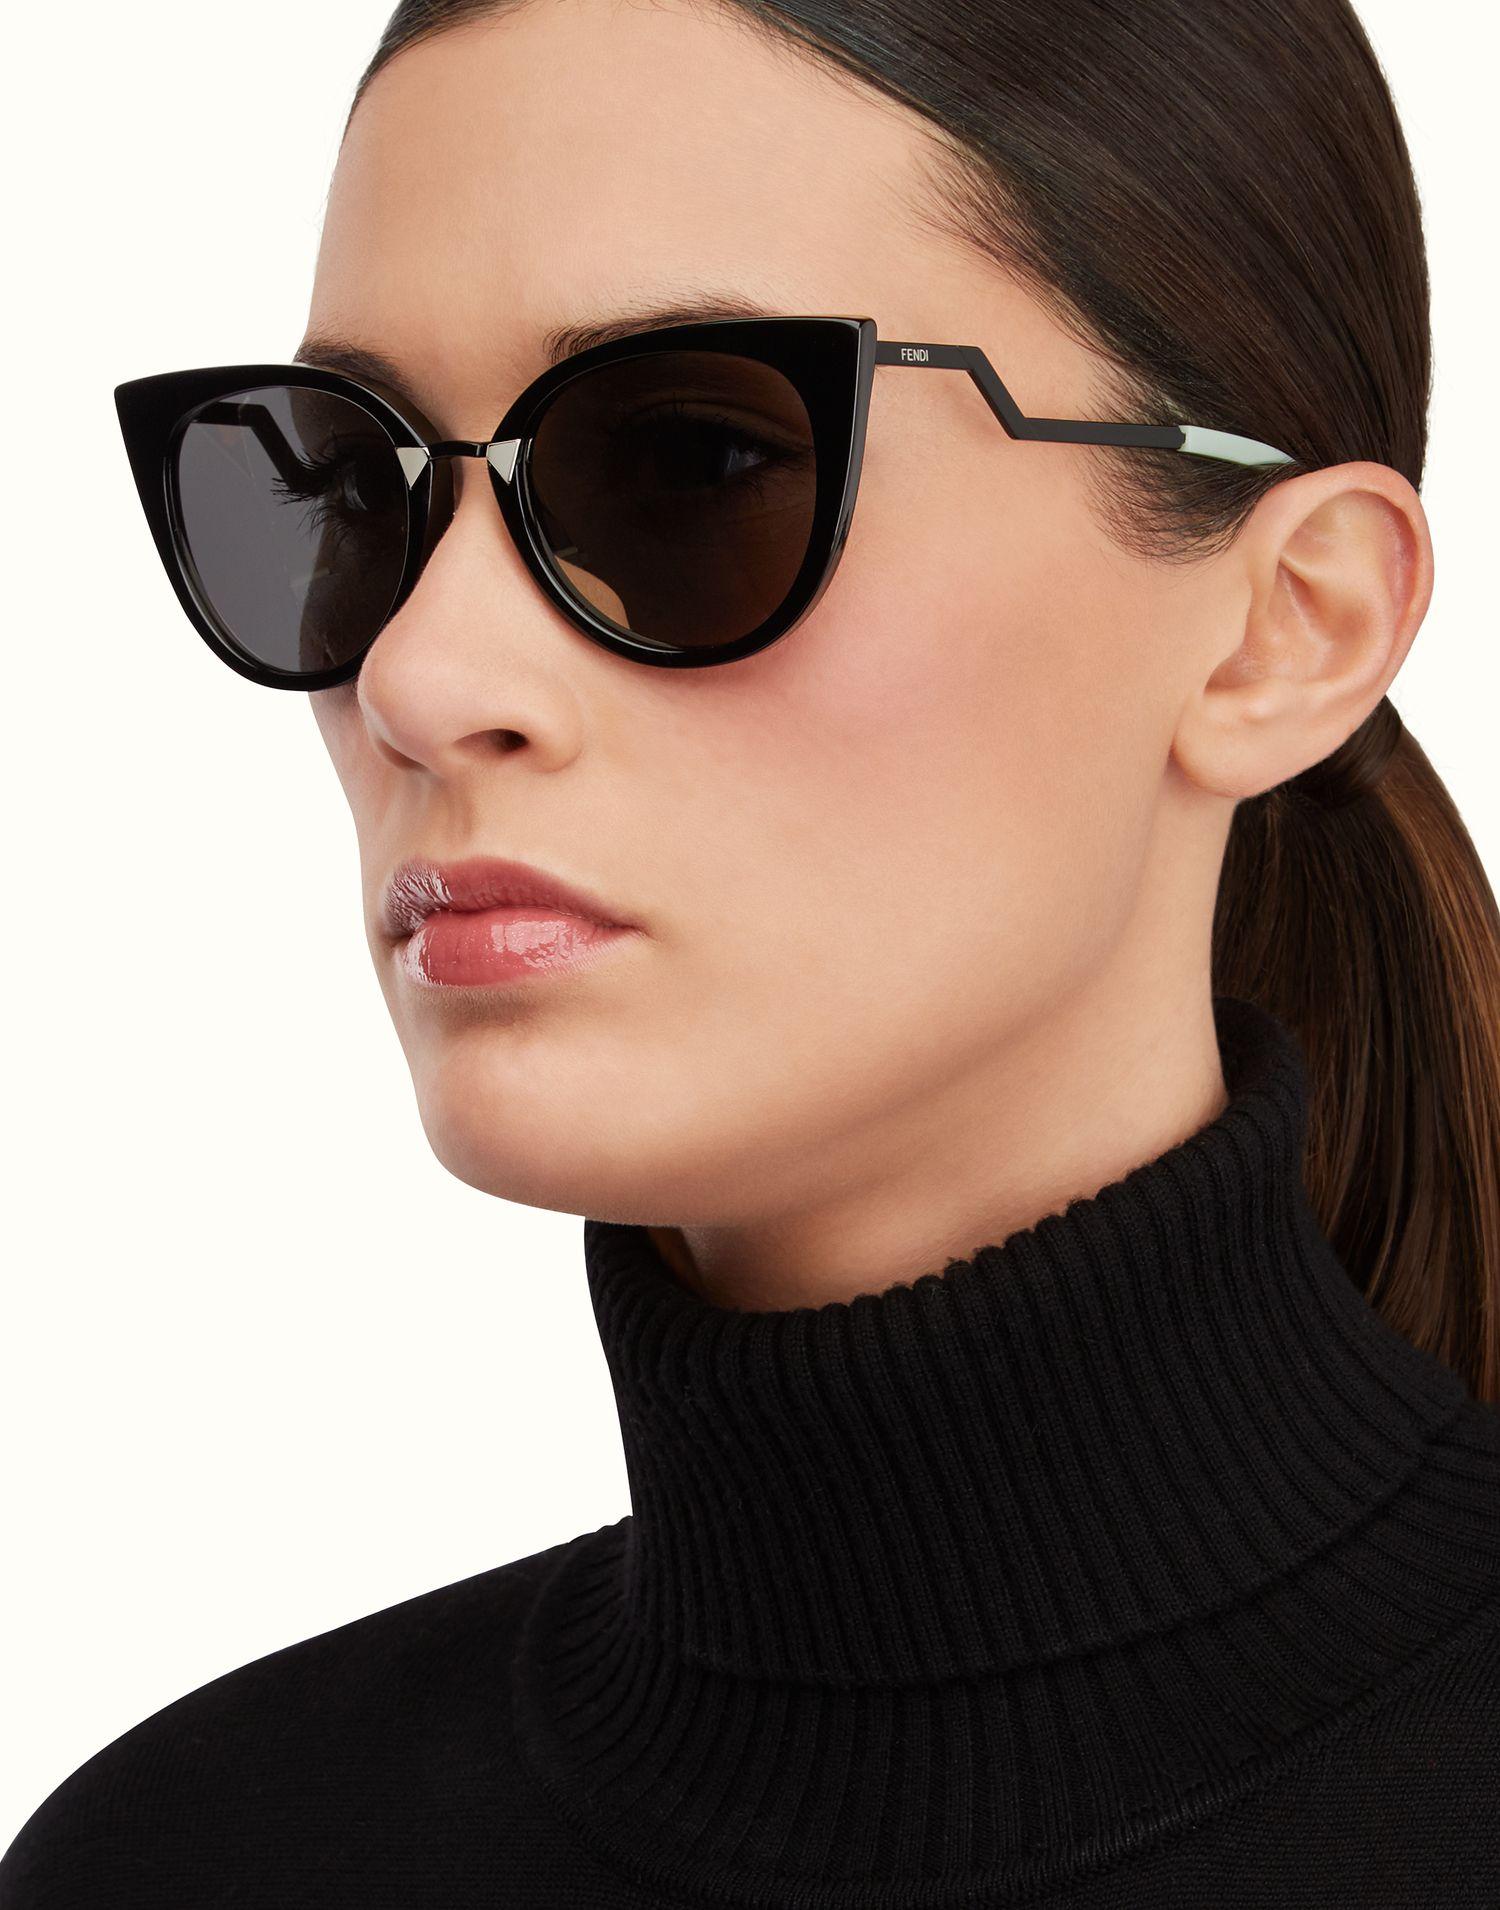 505f814eb55 Fendi Sunglasses Cat Eye 2016